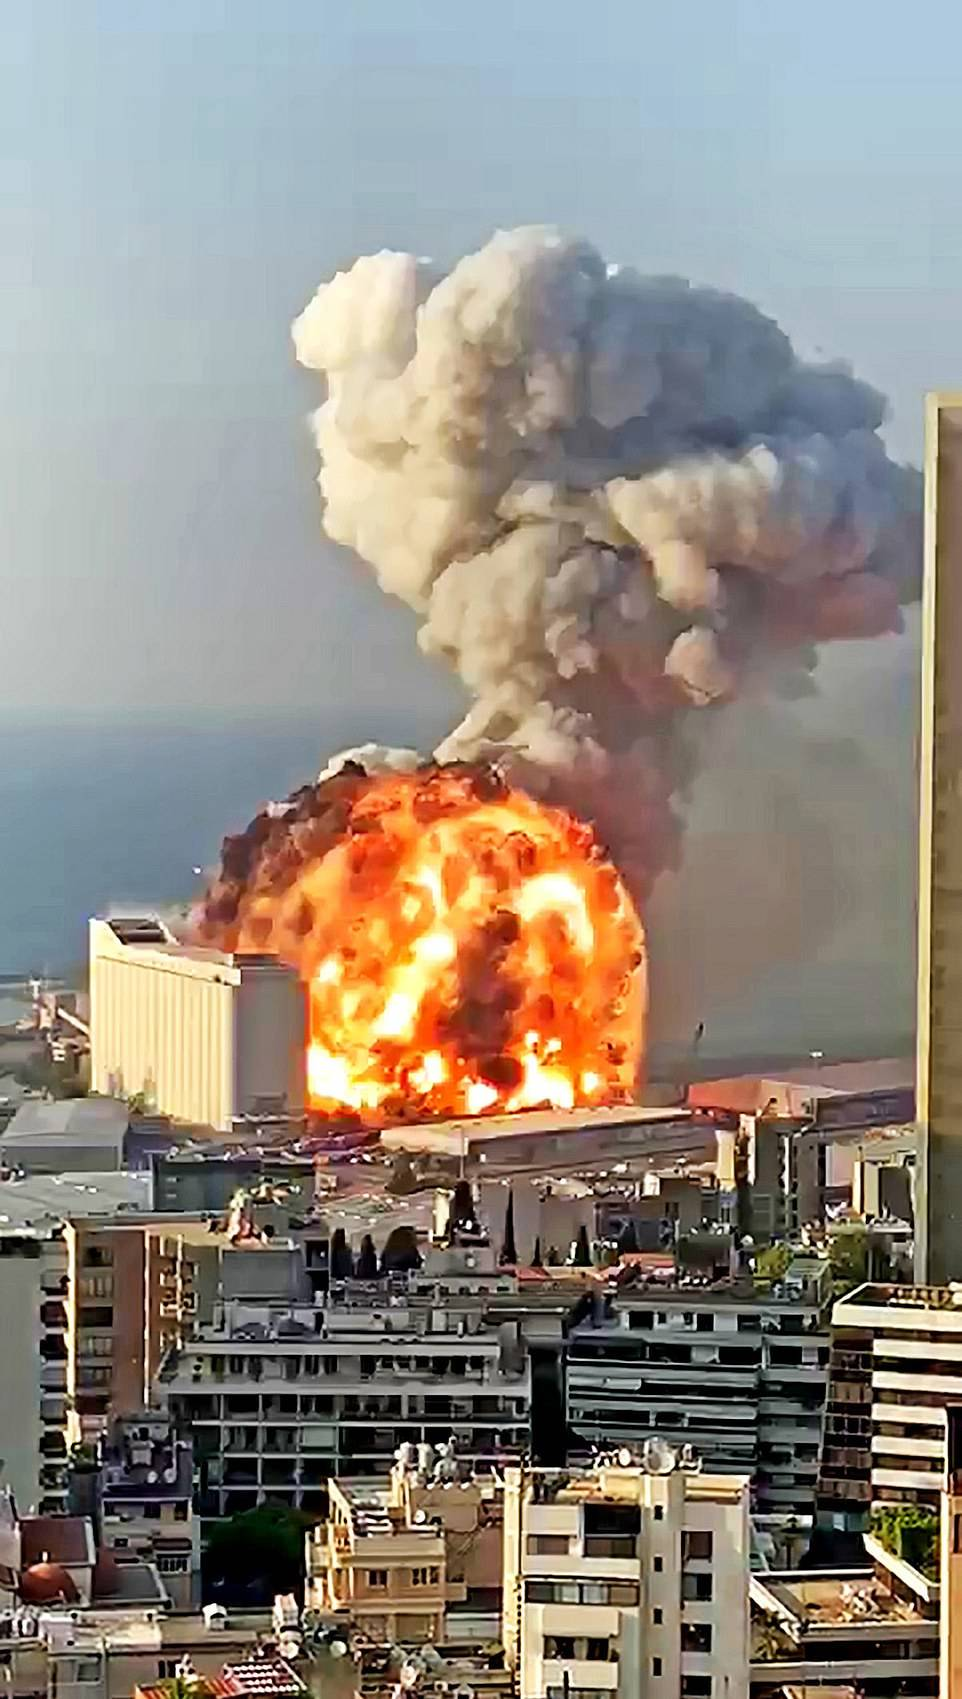 意大利顶级炸弹专家:贝鲁特大爆炸是导弹爆炸引起,不是硝酸铵_意大利新闻_意大利中文网